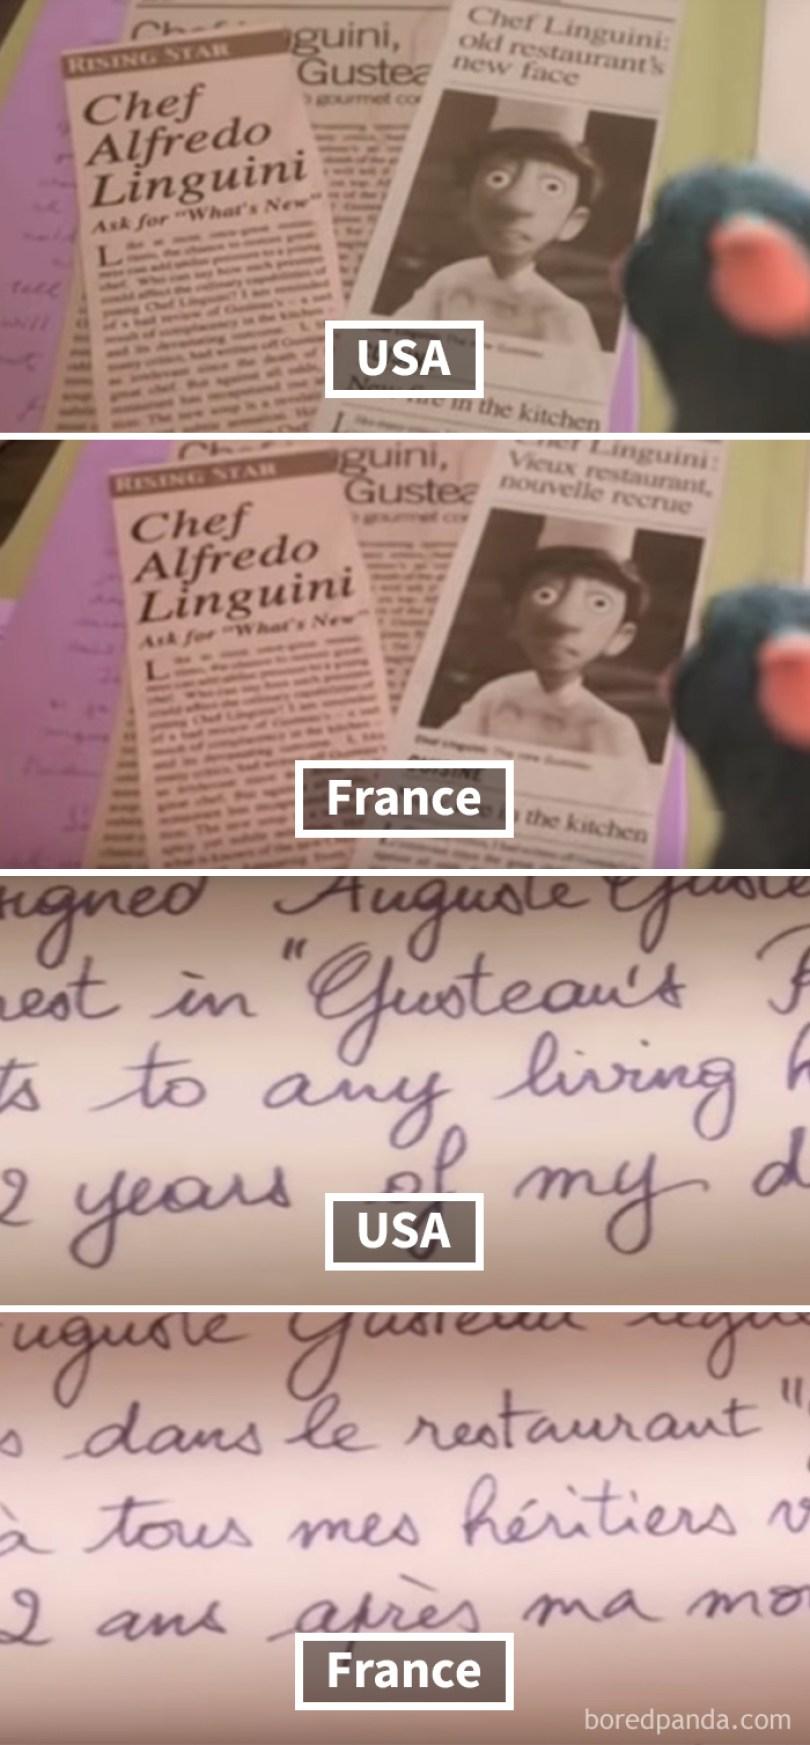 5fbf657784b4e 11 5fbd003a9d7ee  700 - Detalhes que a Pixar e a Disney mudaram em seus filmes em países diferentes